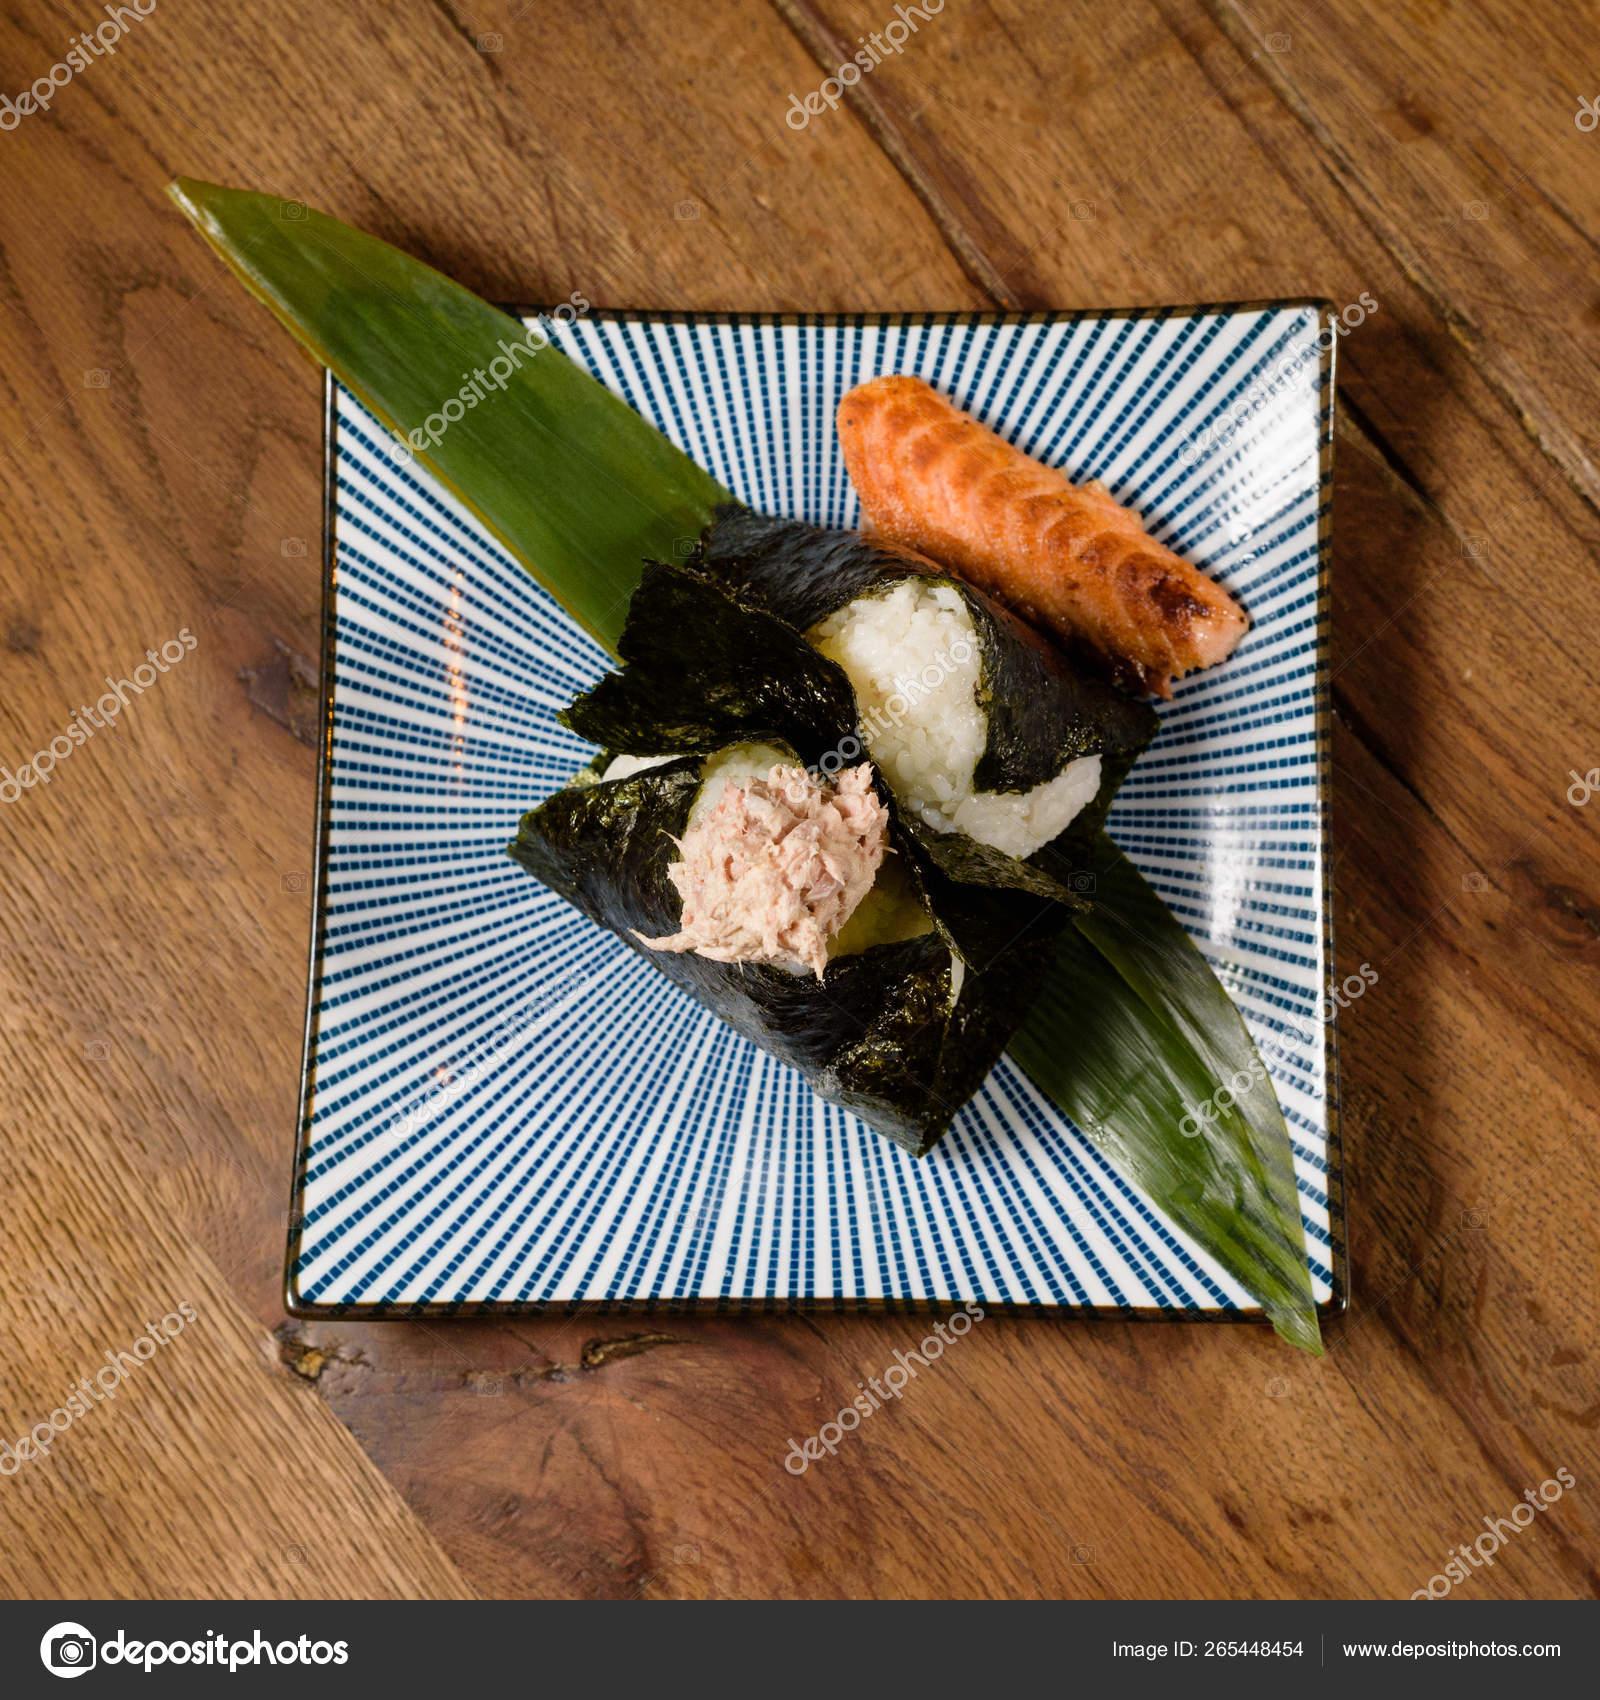 Onigiri of roasted tuna and salmon, wrapped in seaweed